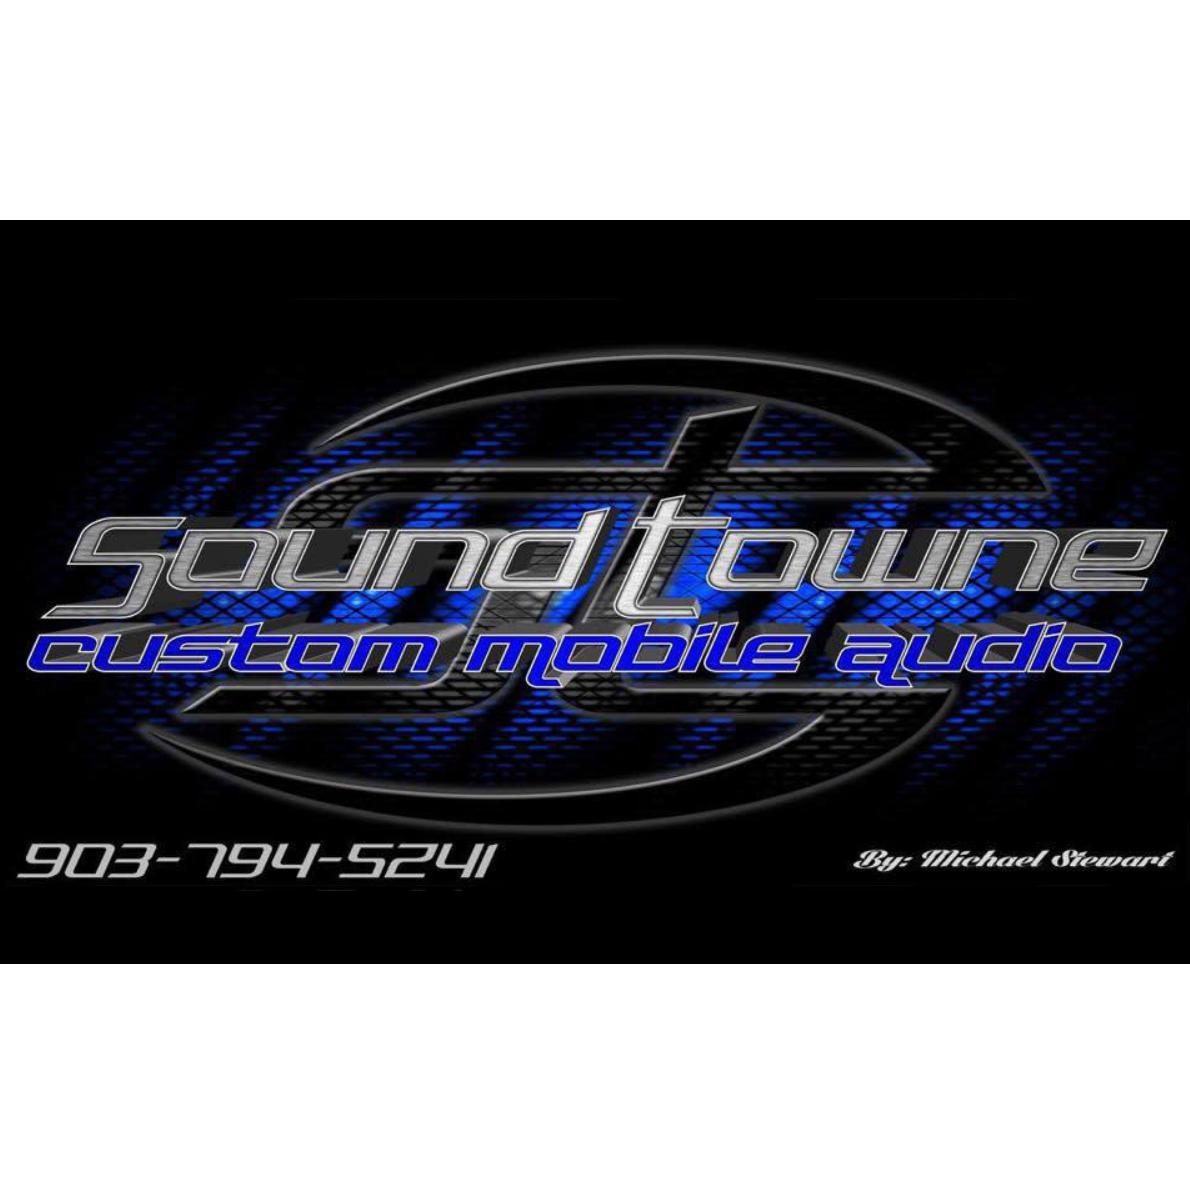 Sound Towne Custom Mobile Audio - Texarkana, TX 75501 - (903)794-5241 | ShowMeLocal.com